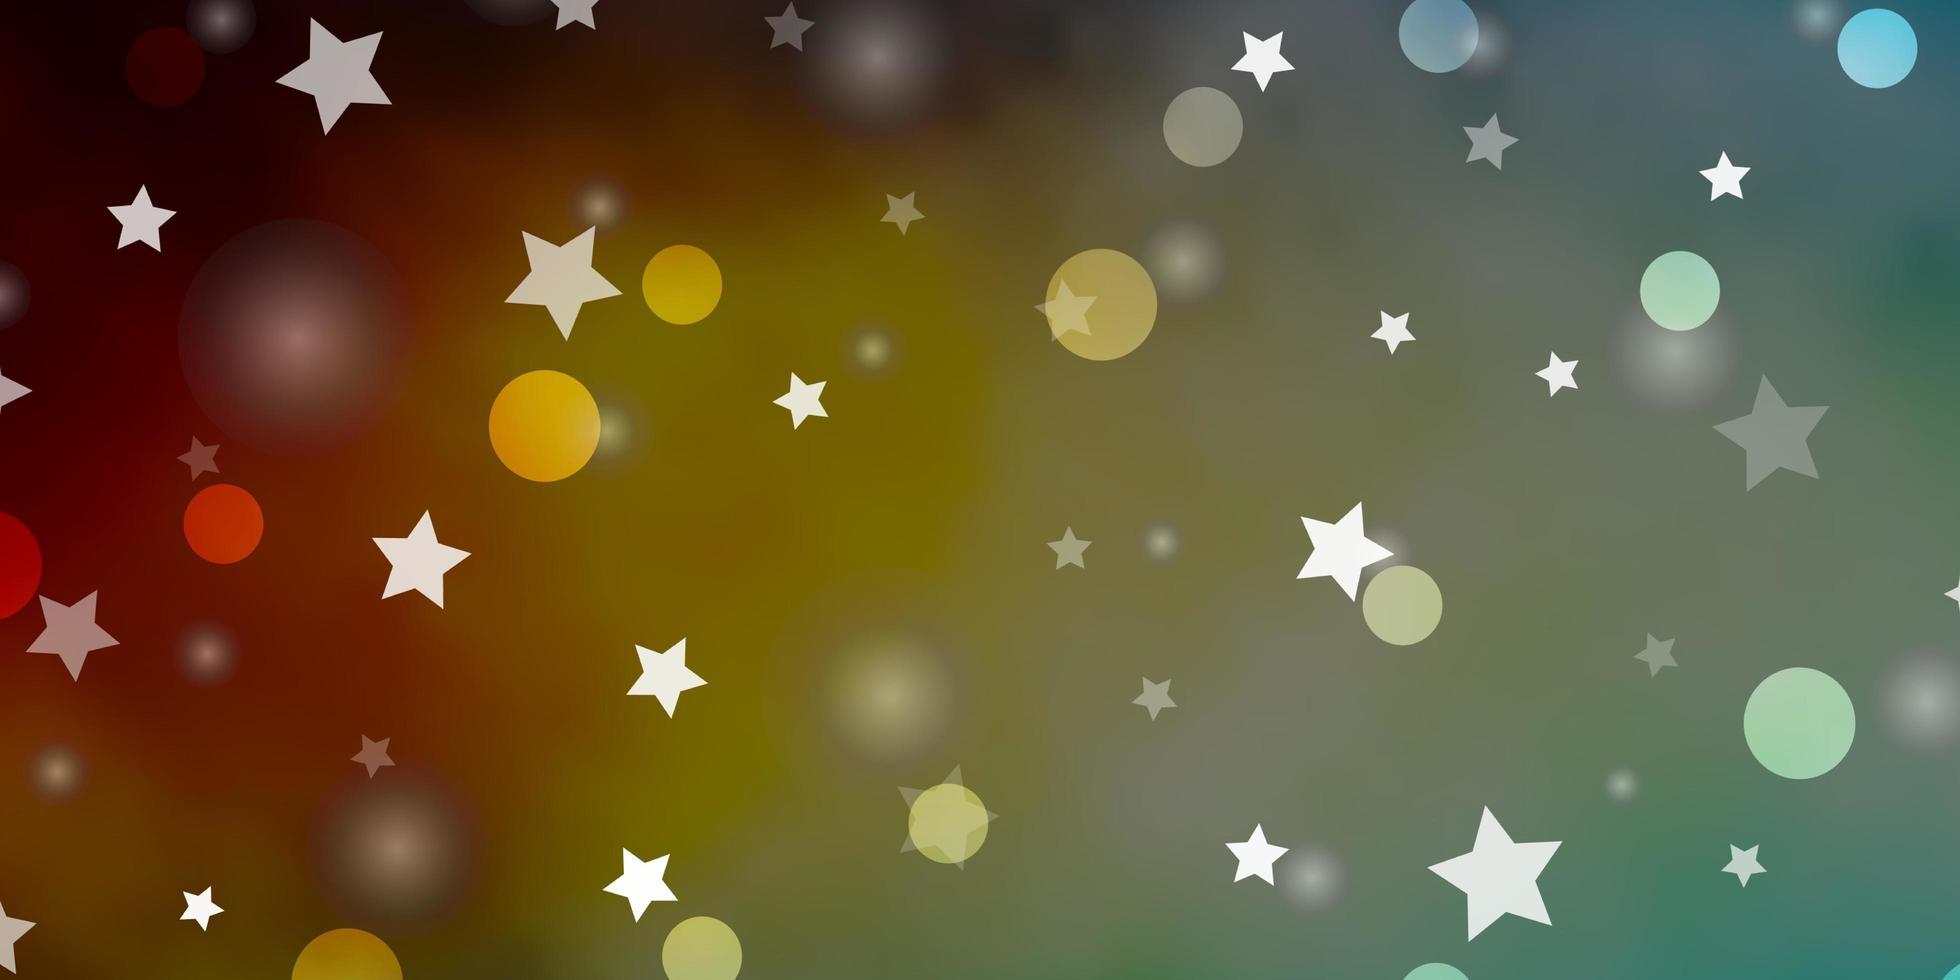 sfondo rosso, giallo con cerchi, stelle. vettore